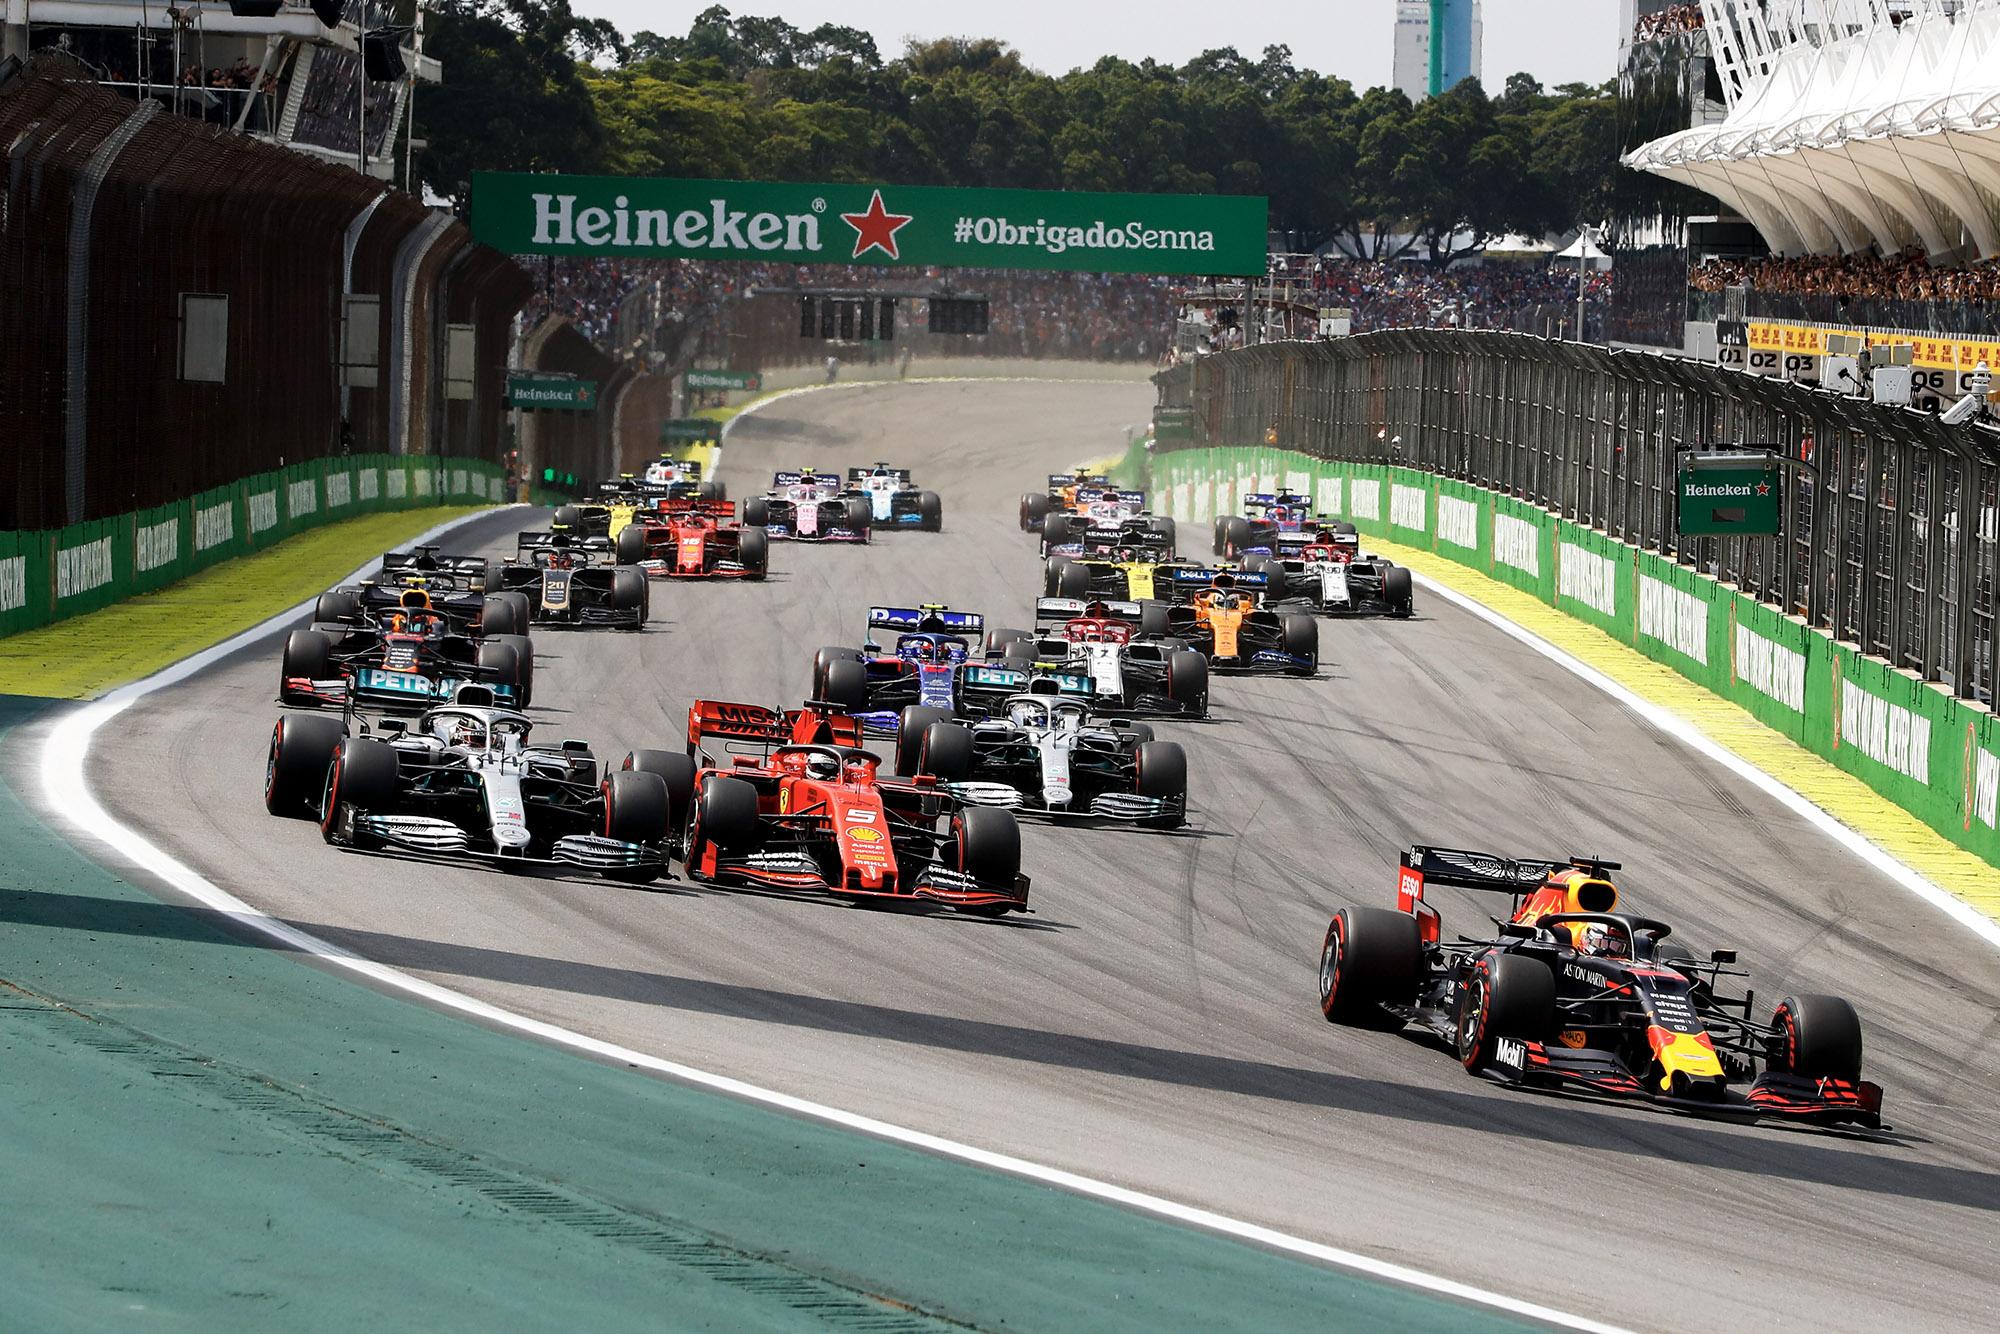 Thrilling finale at Interlagos: 2019 F1 Brazilian Grand Prix race results